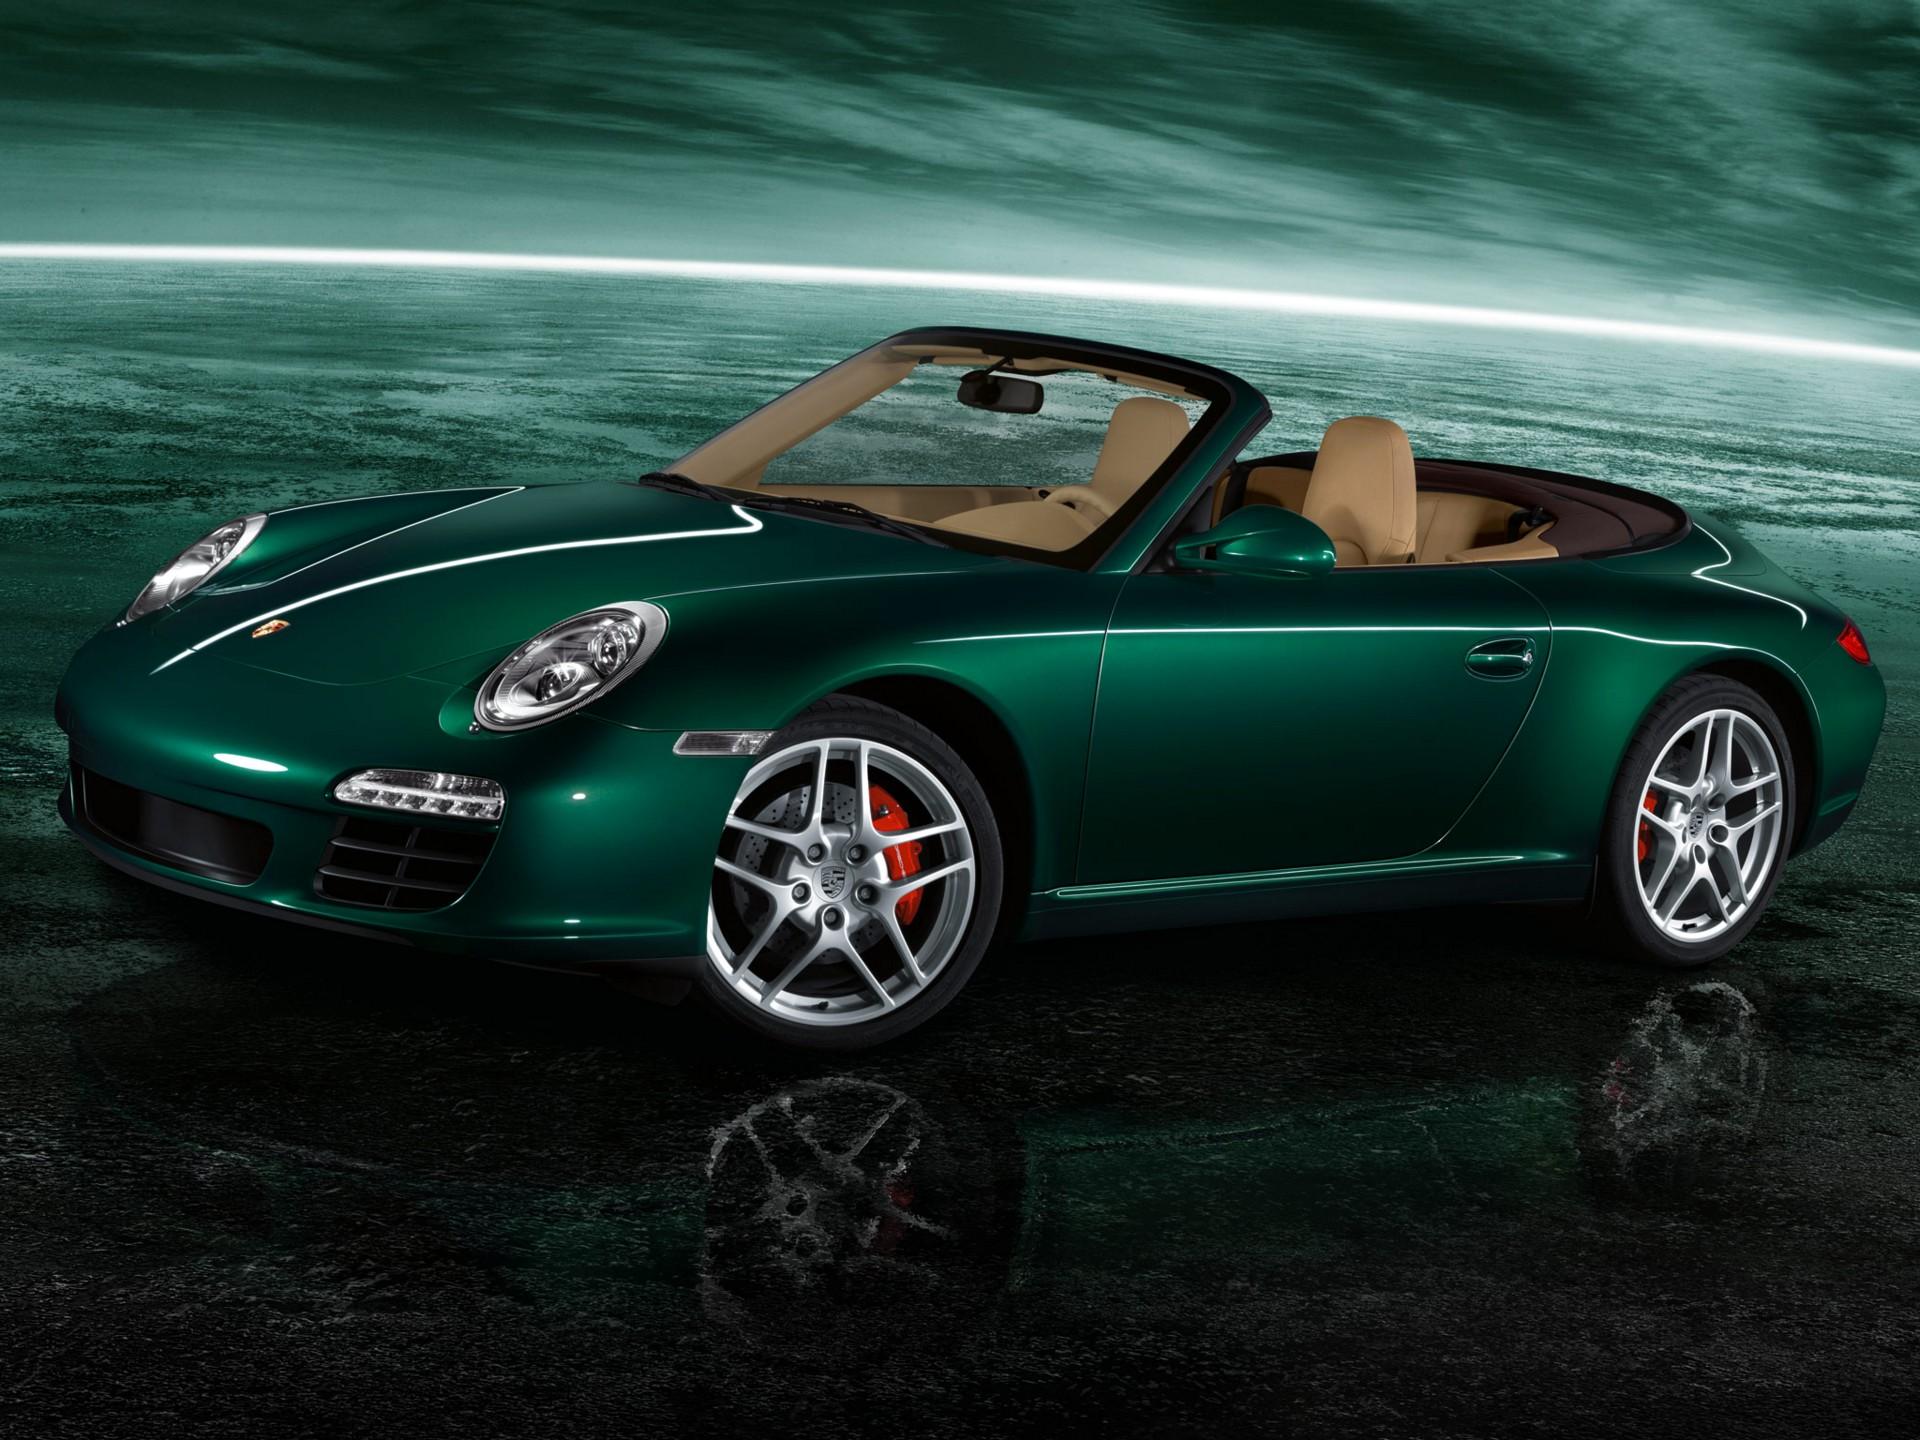 зееный автомобиль Porsche 911 Carrera 4S загрузить